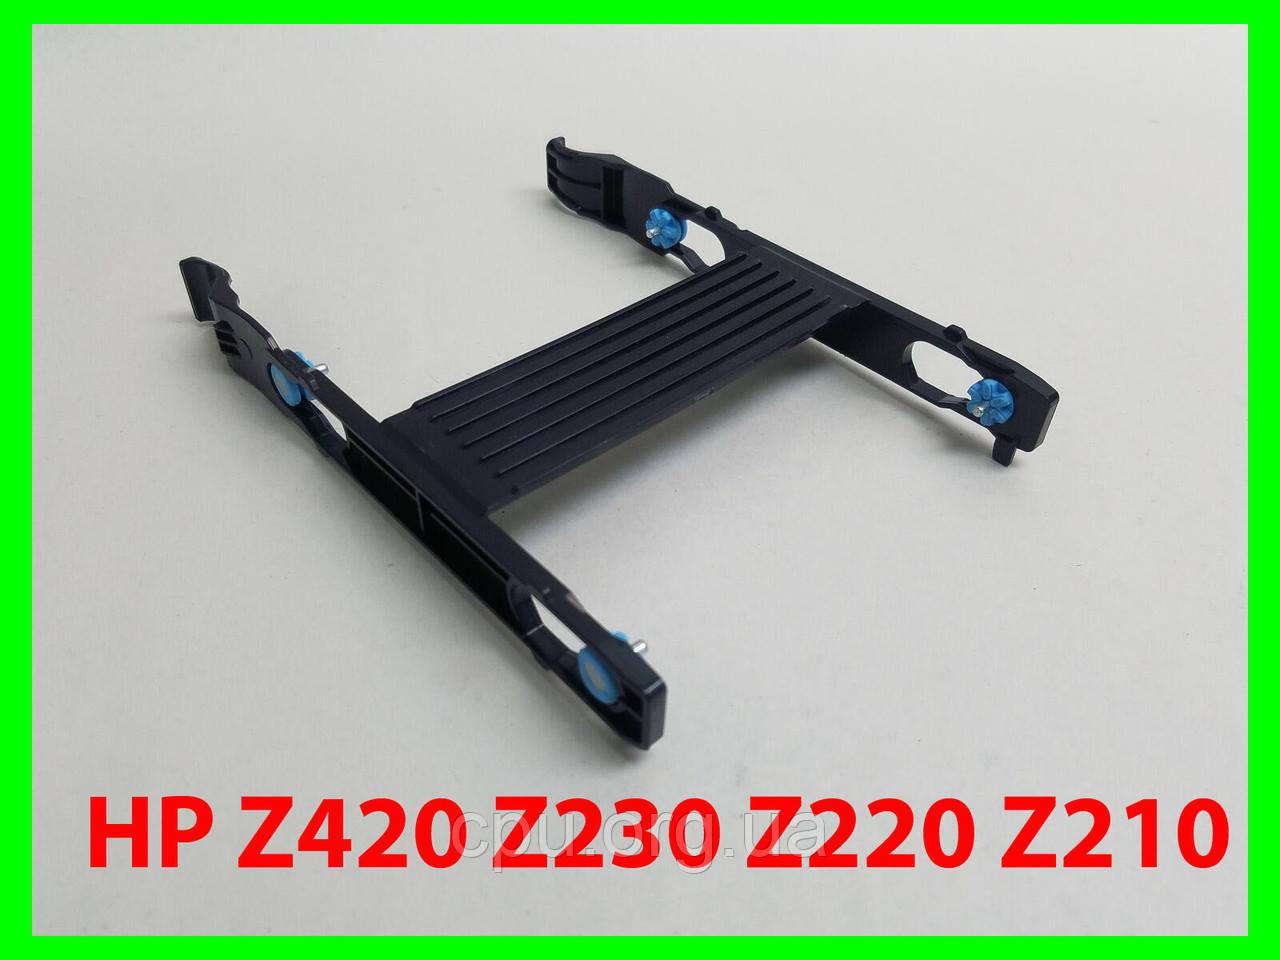 Санчата / Корзина HP Z420 Z230 Z220 Z210 3.5 HDD Caddy 640983-001